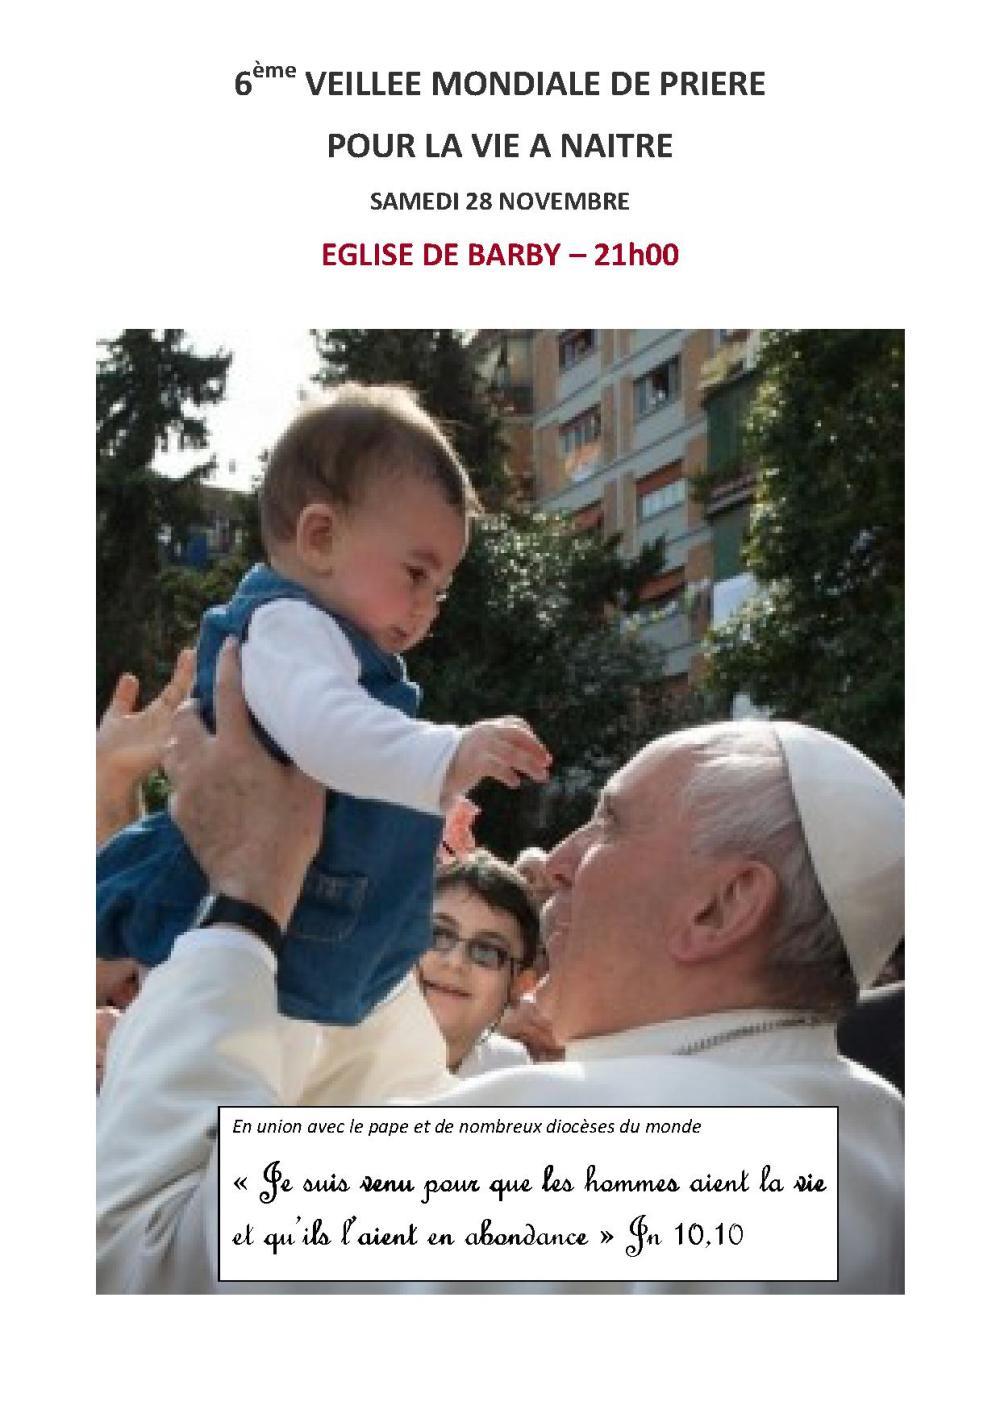 6ème VEILLEE MONDIALE DE PRIERE POUR LA VIE NAISSANTE